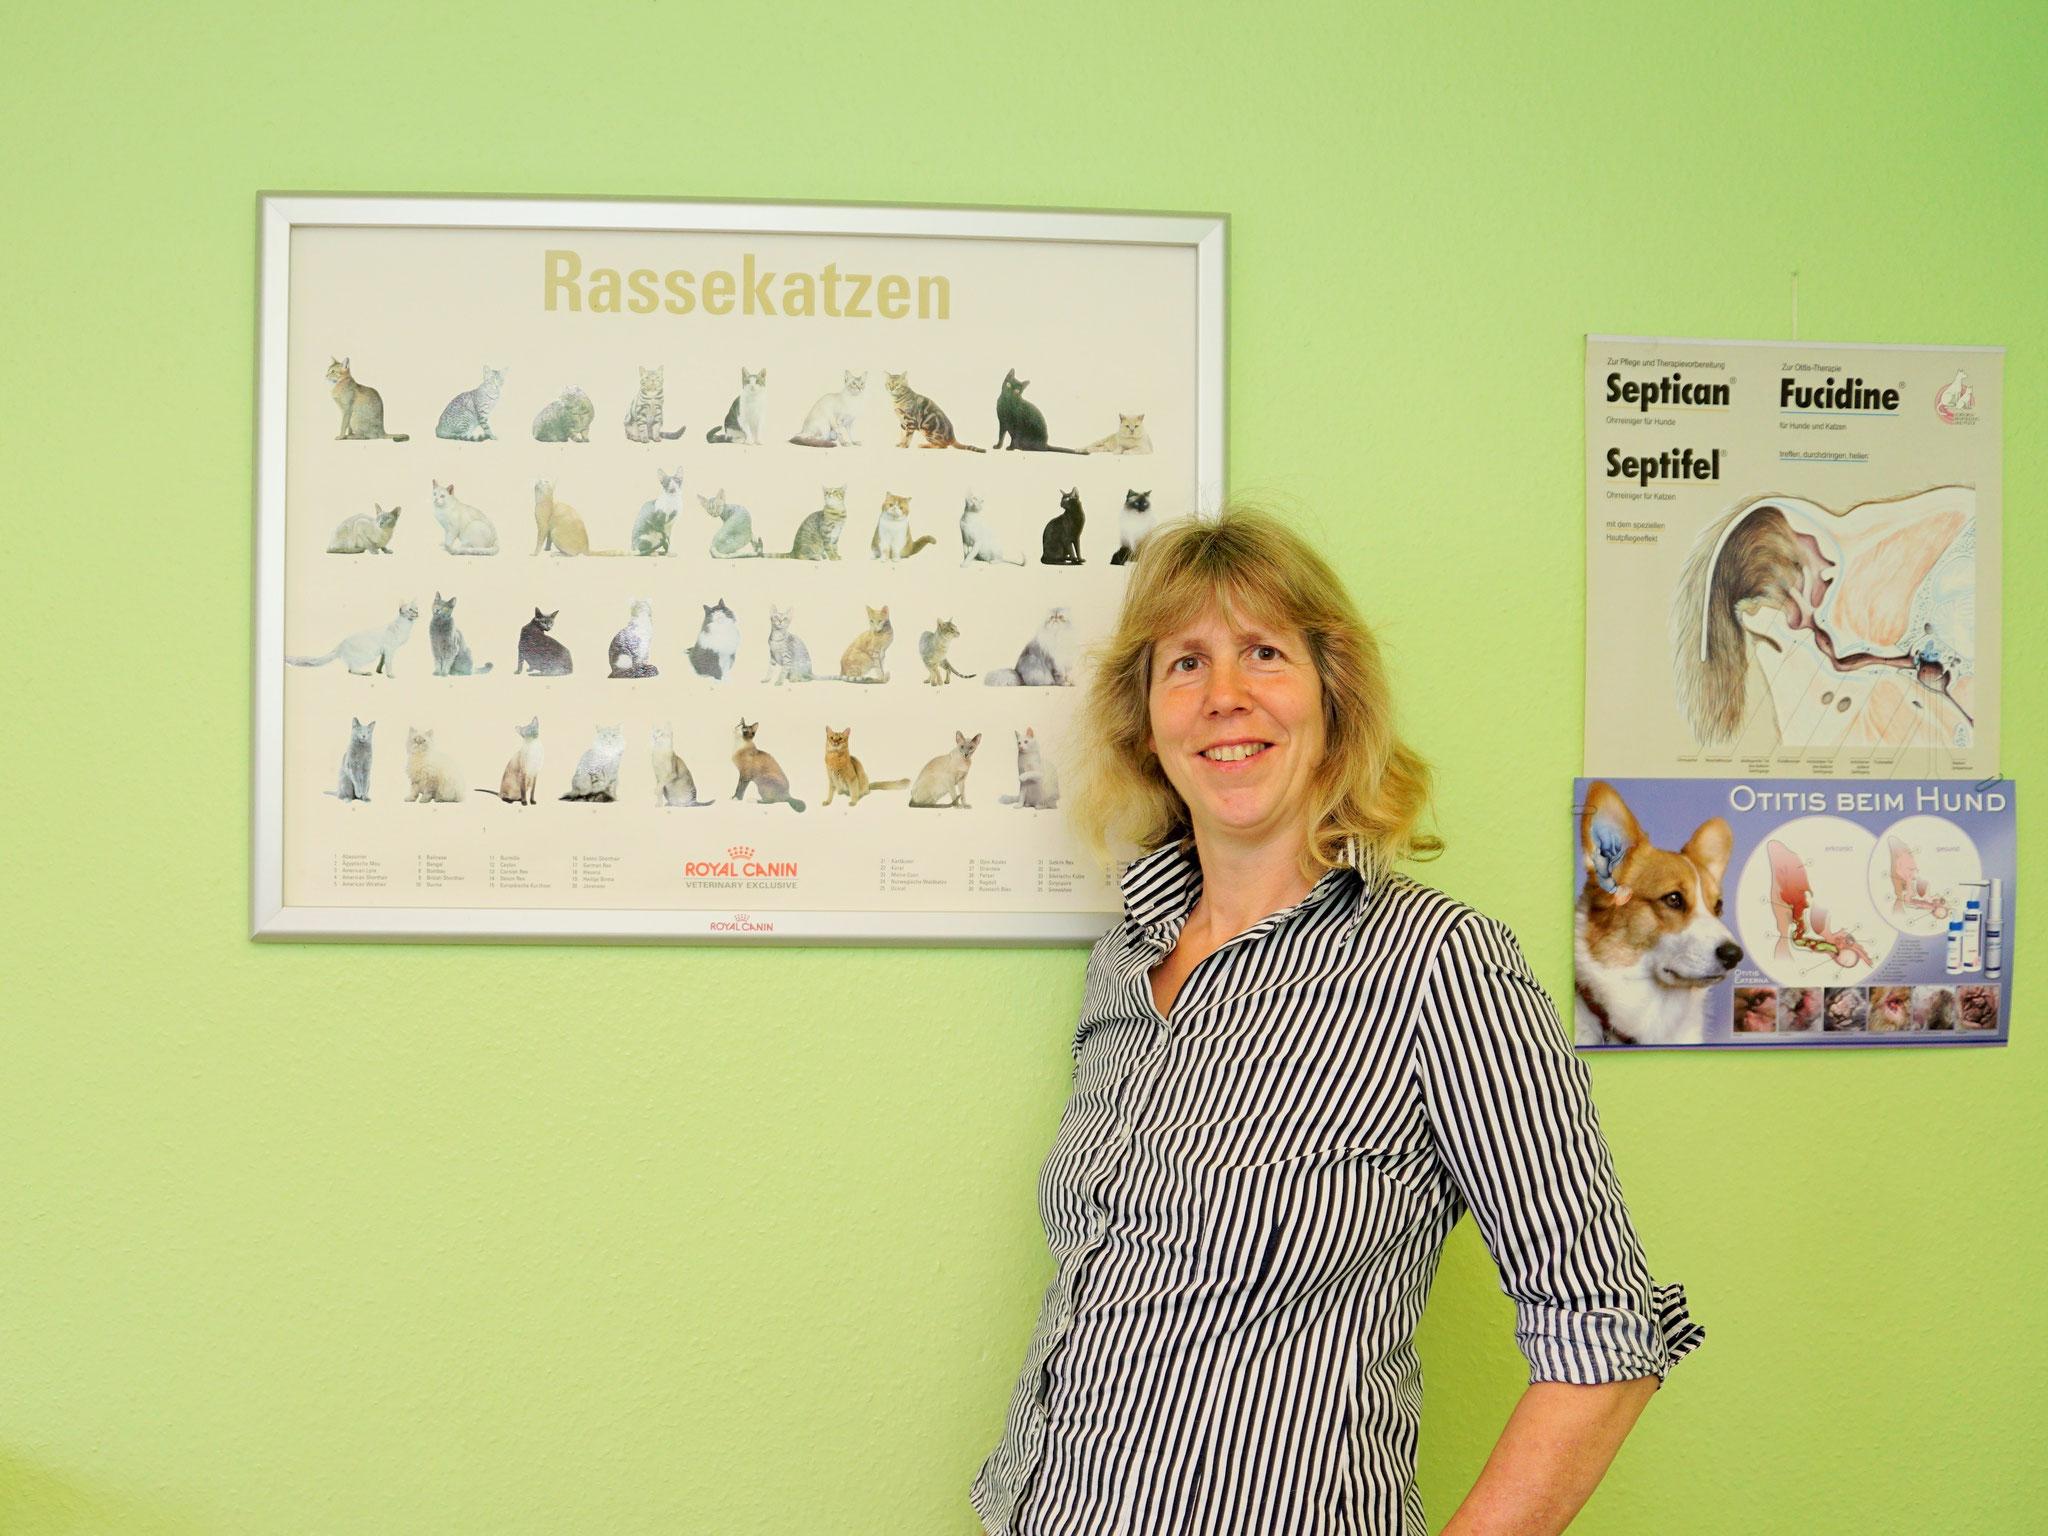 Katzen werden in der Regel von Dr. Frauke Brackmann-Gräf behandelt.